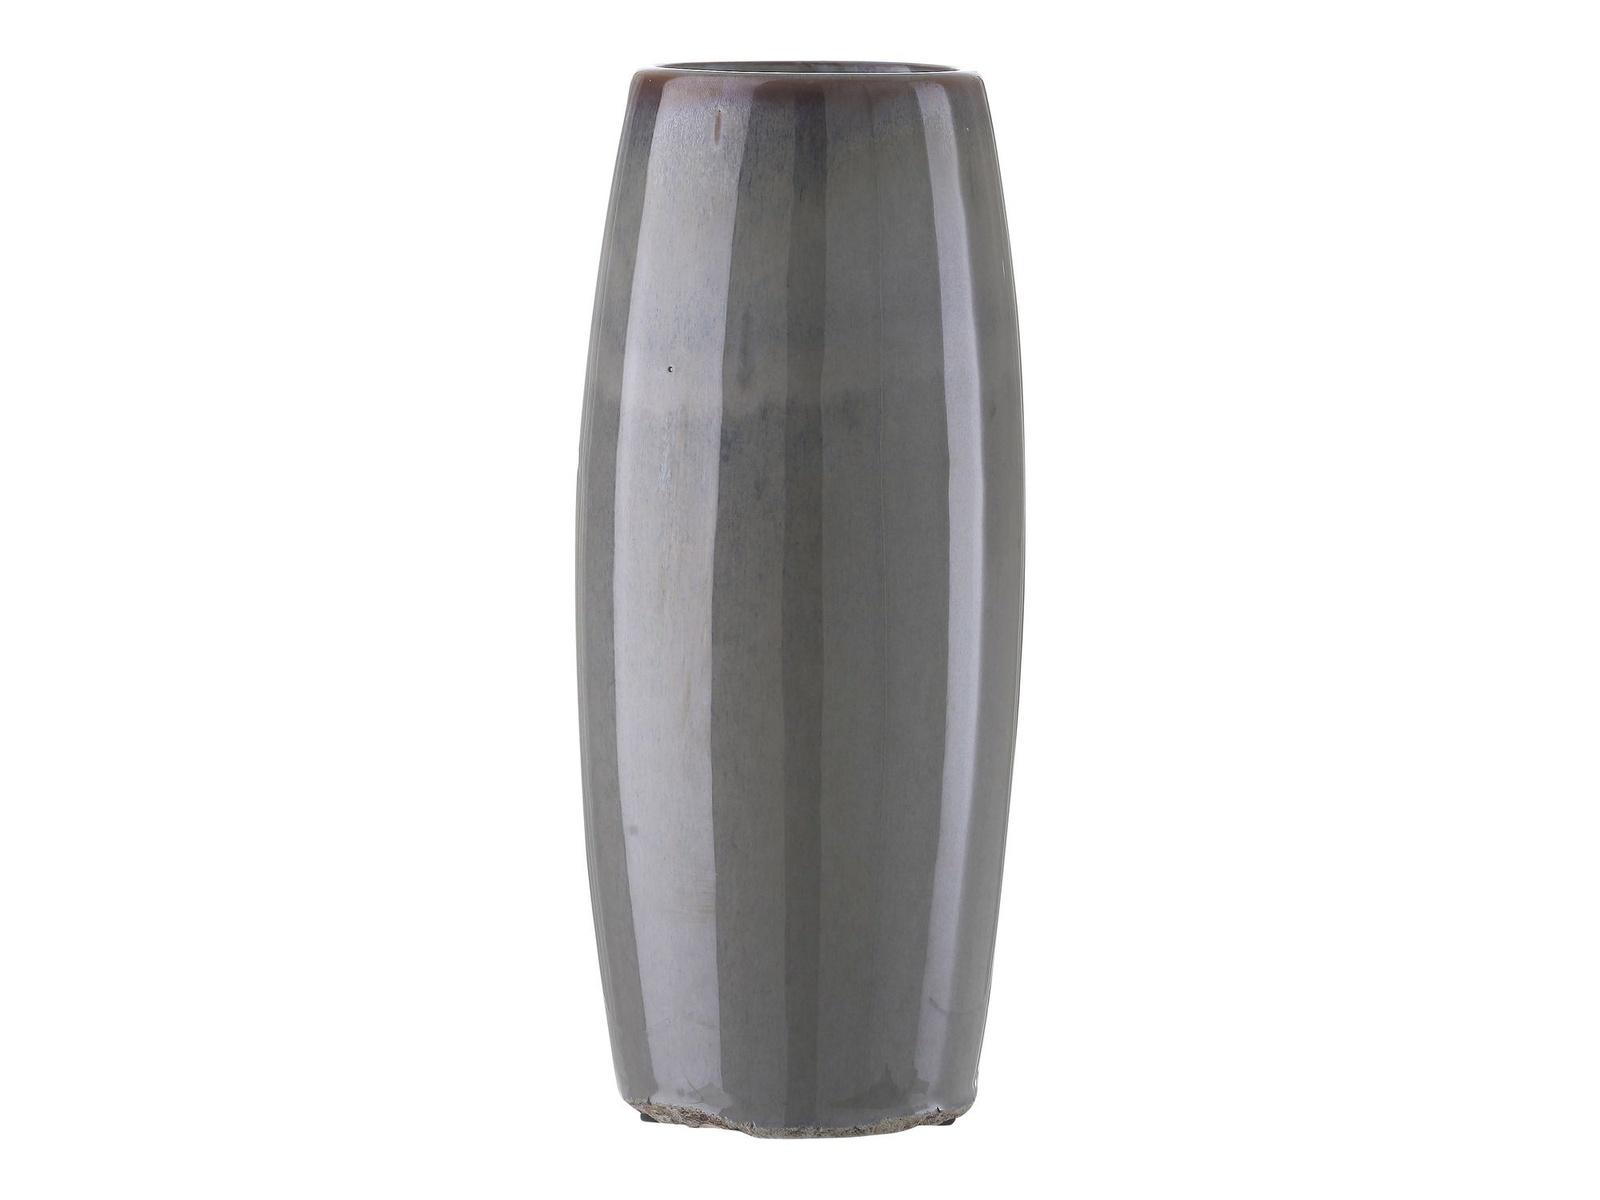 Ваза A Simple Mess Ursula керамическая, цвет: серый, высота 26 см. SM963342 ваза no brand высота 27 5 см